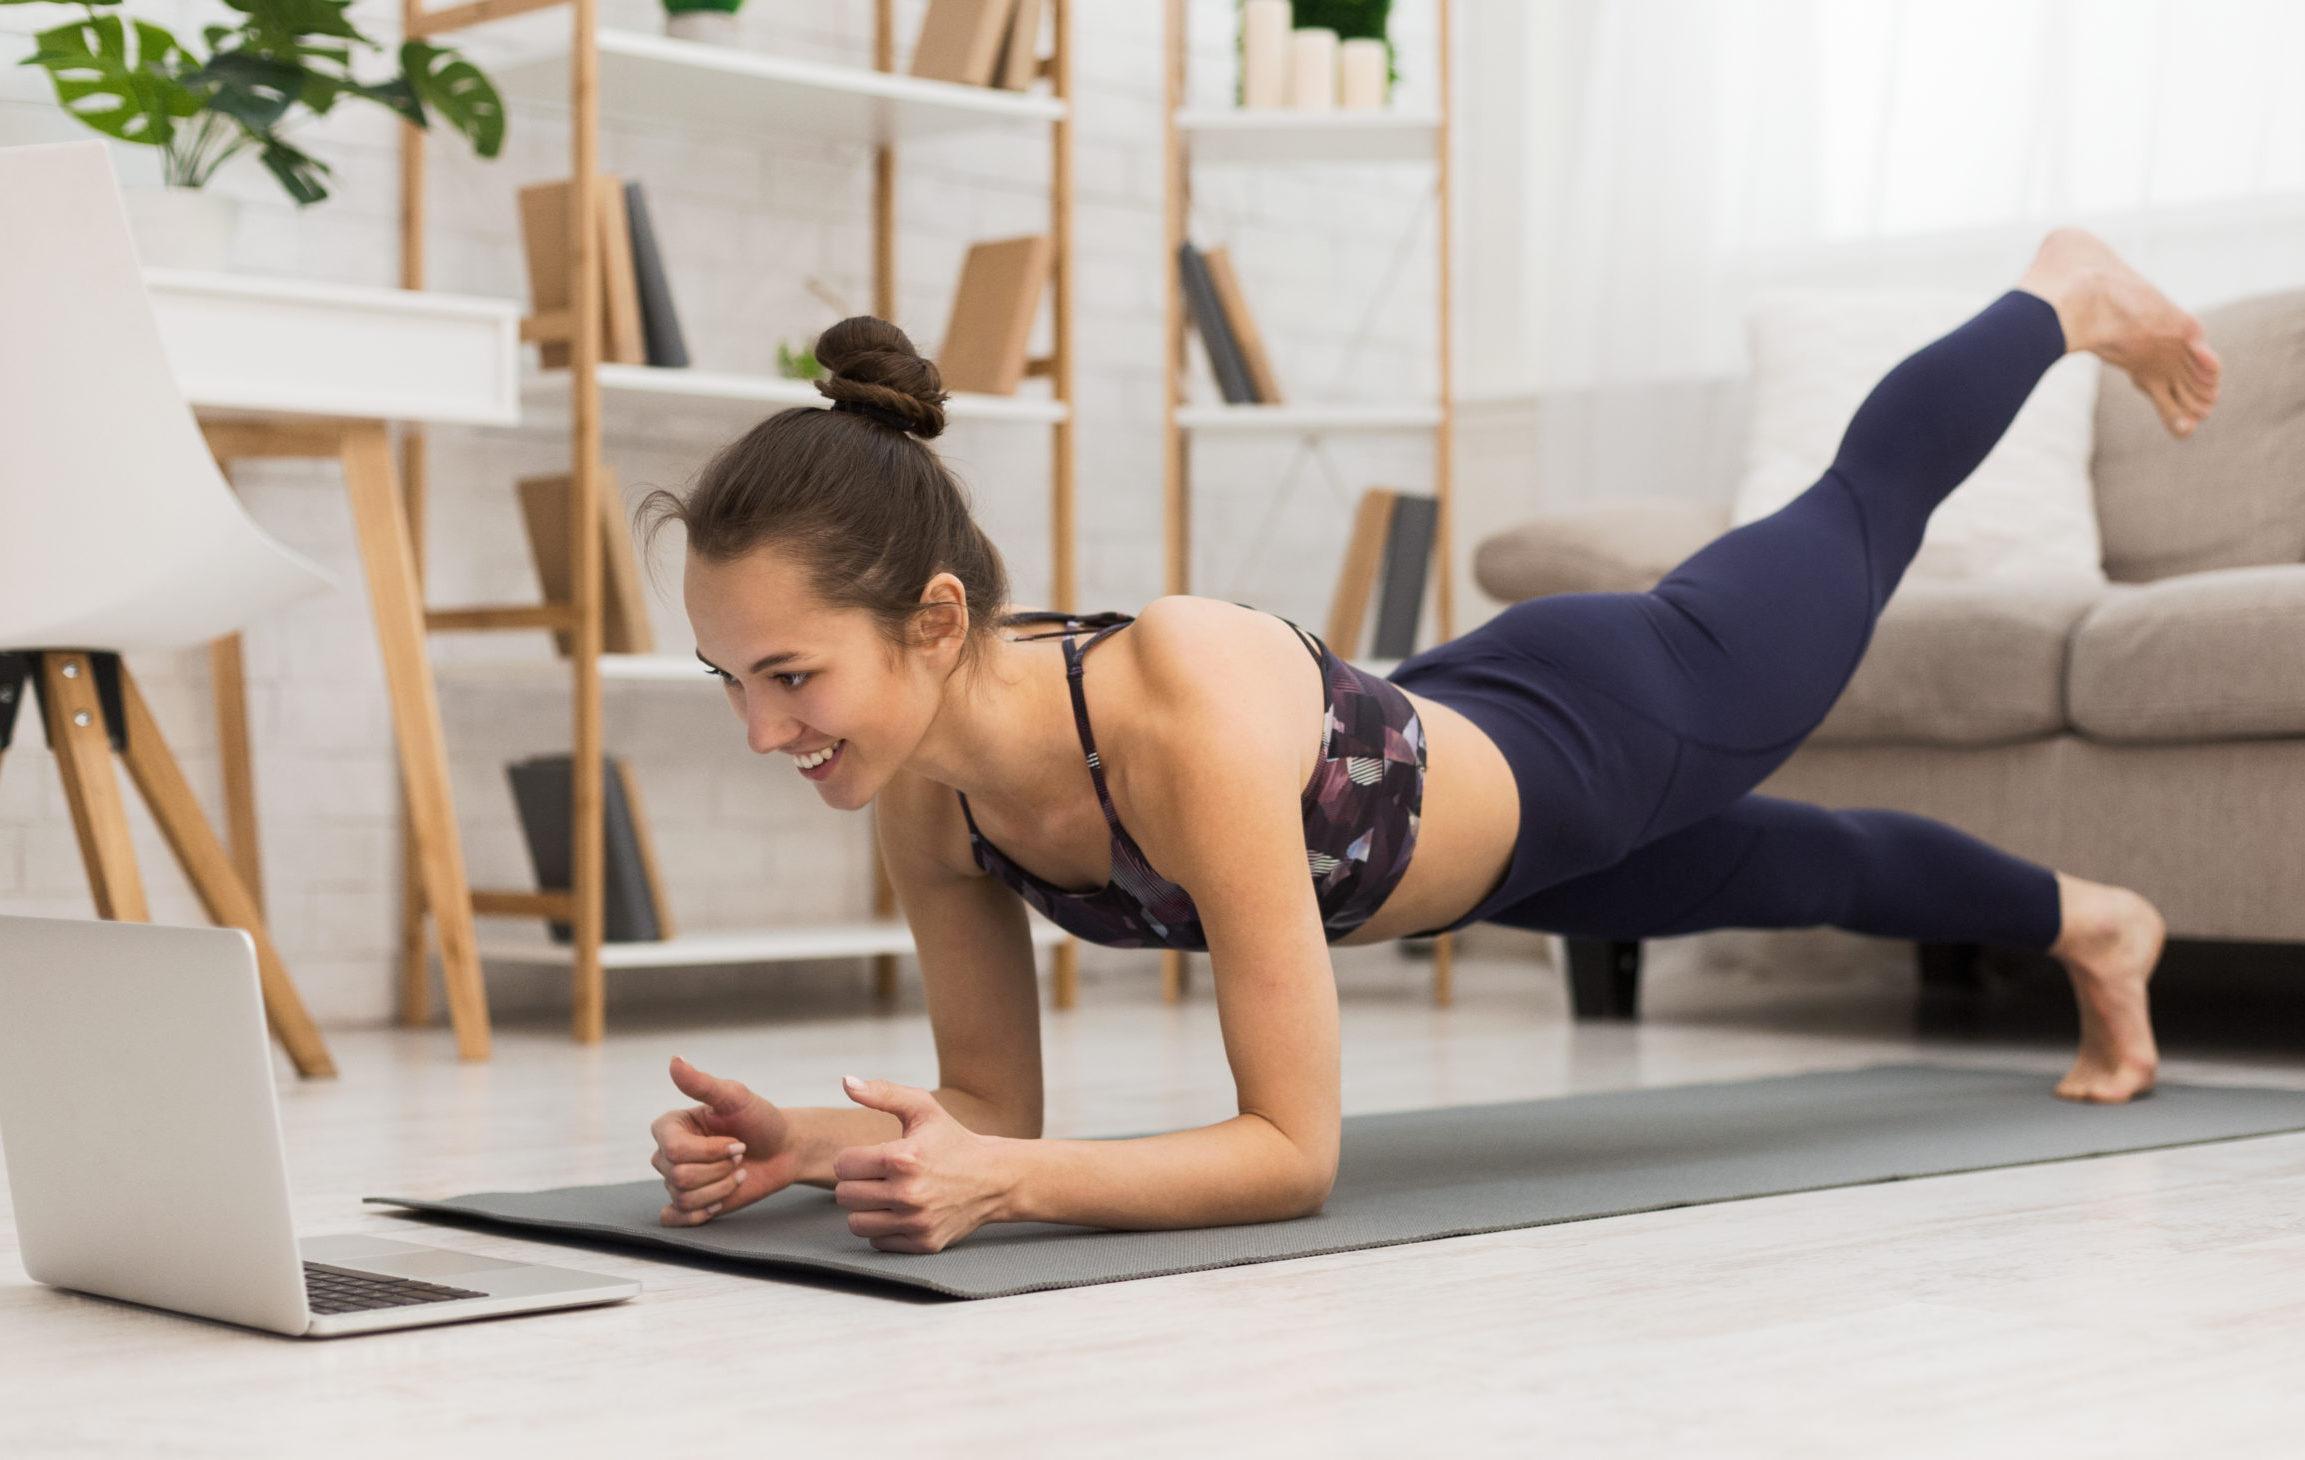 bài tập giảm cân tại nhà 1